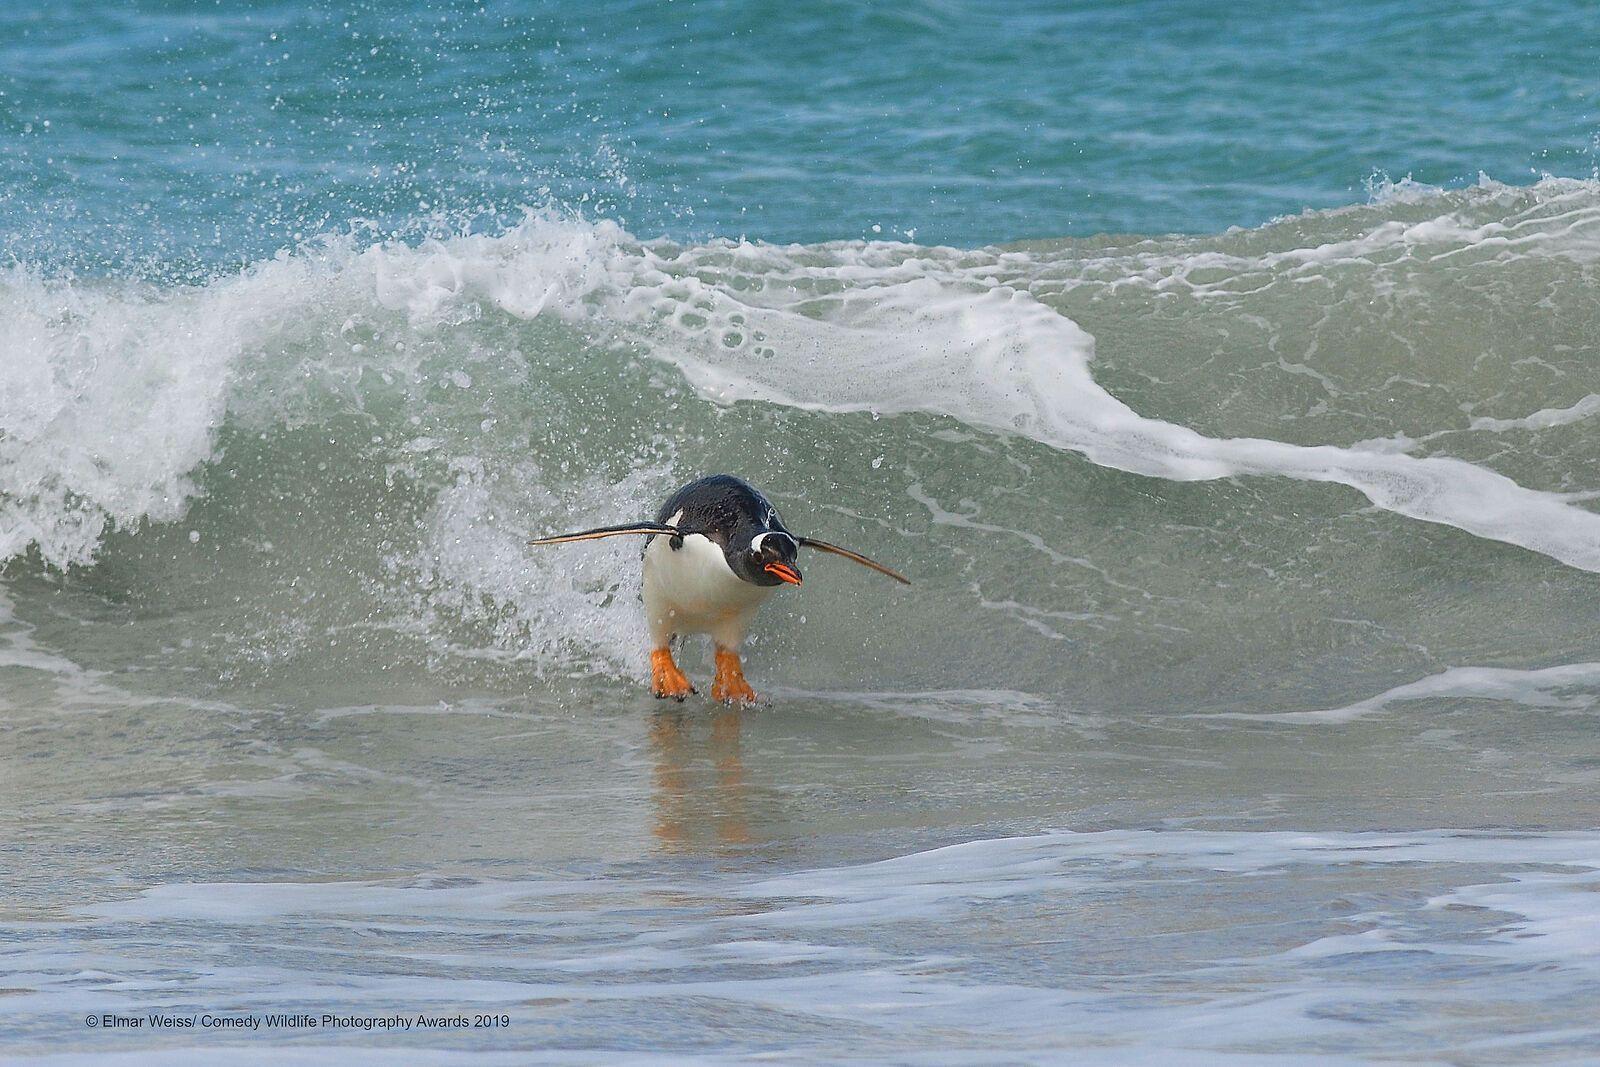 Пингвин занимается серфингом